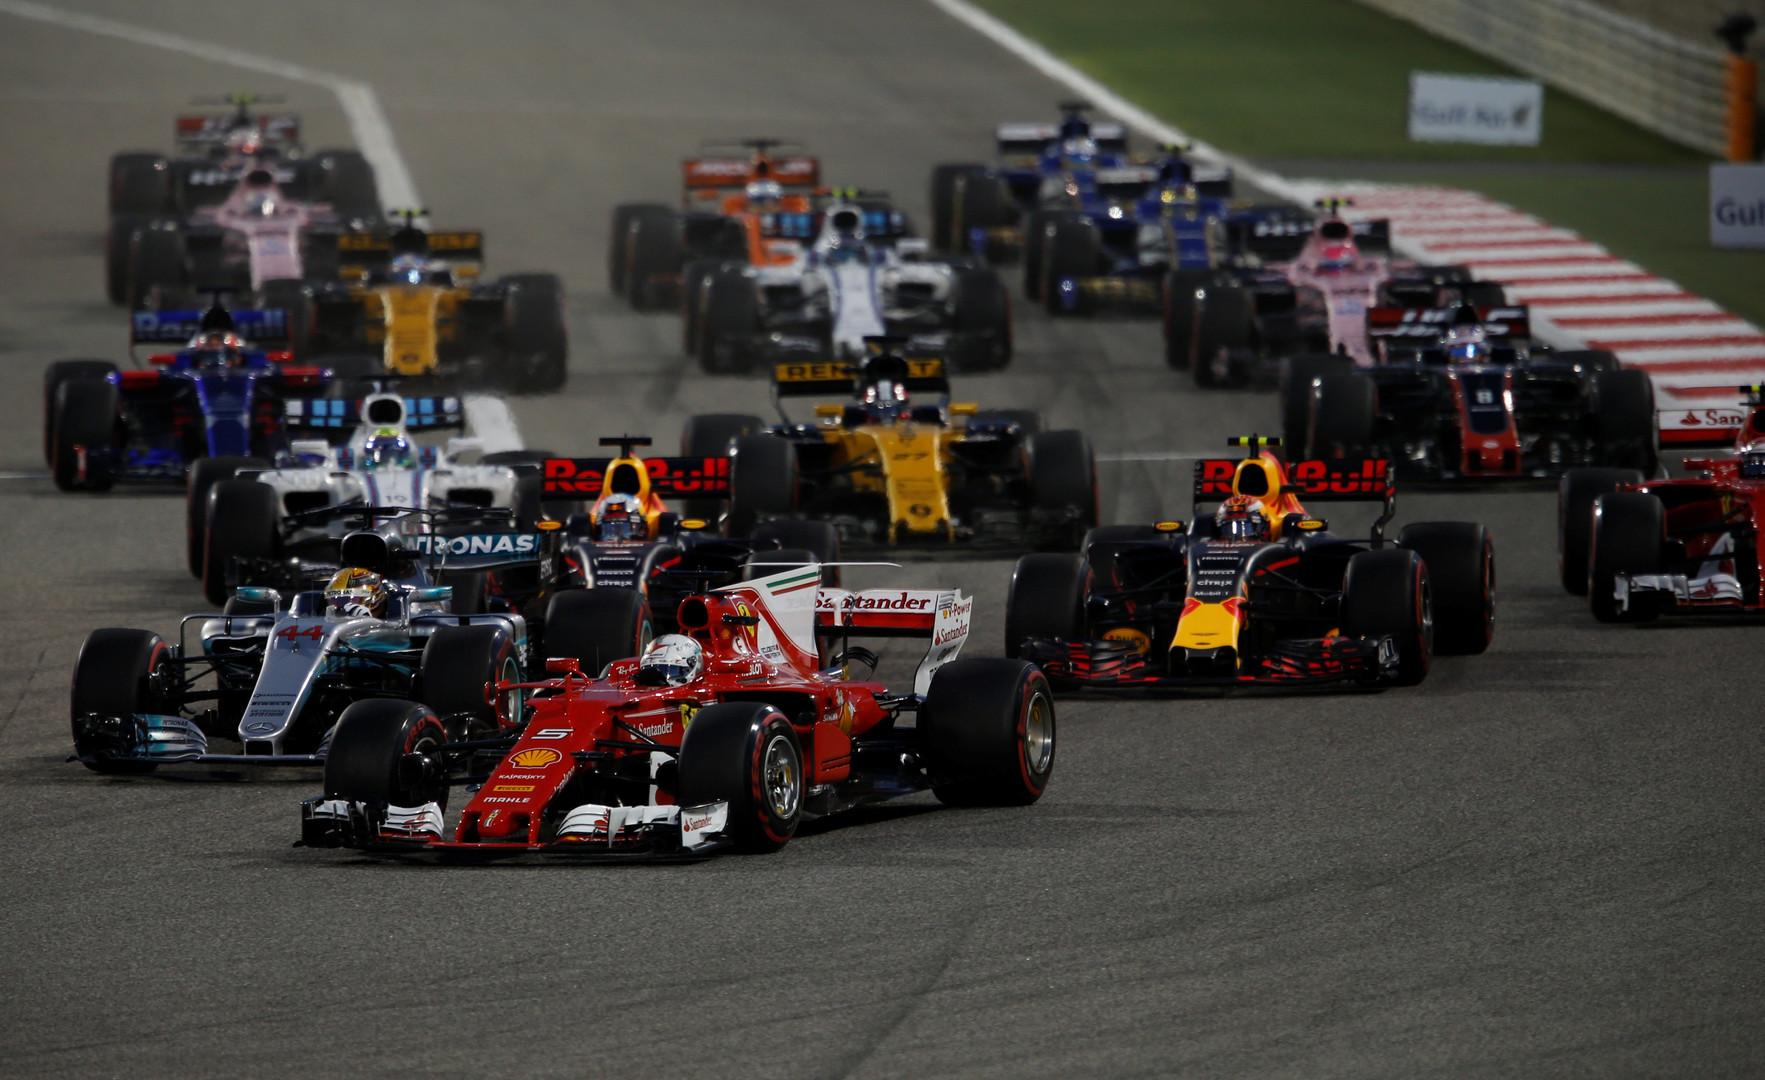 Король пустыни: Феттель выиграл Гран-при Бахрейна, Квят финишировал 12-м